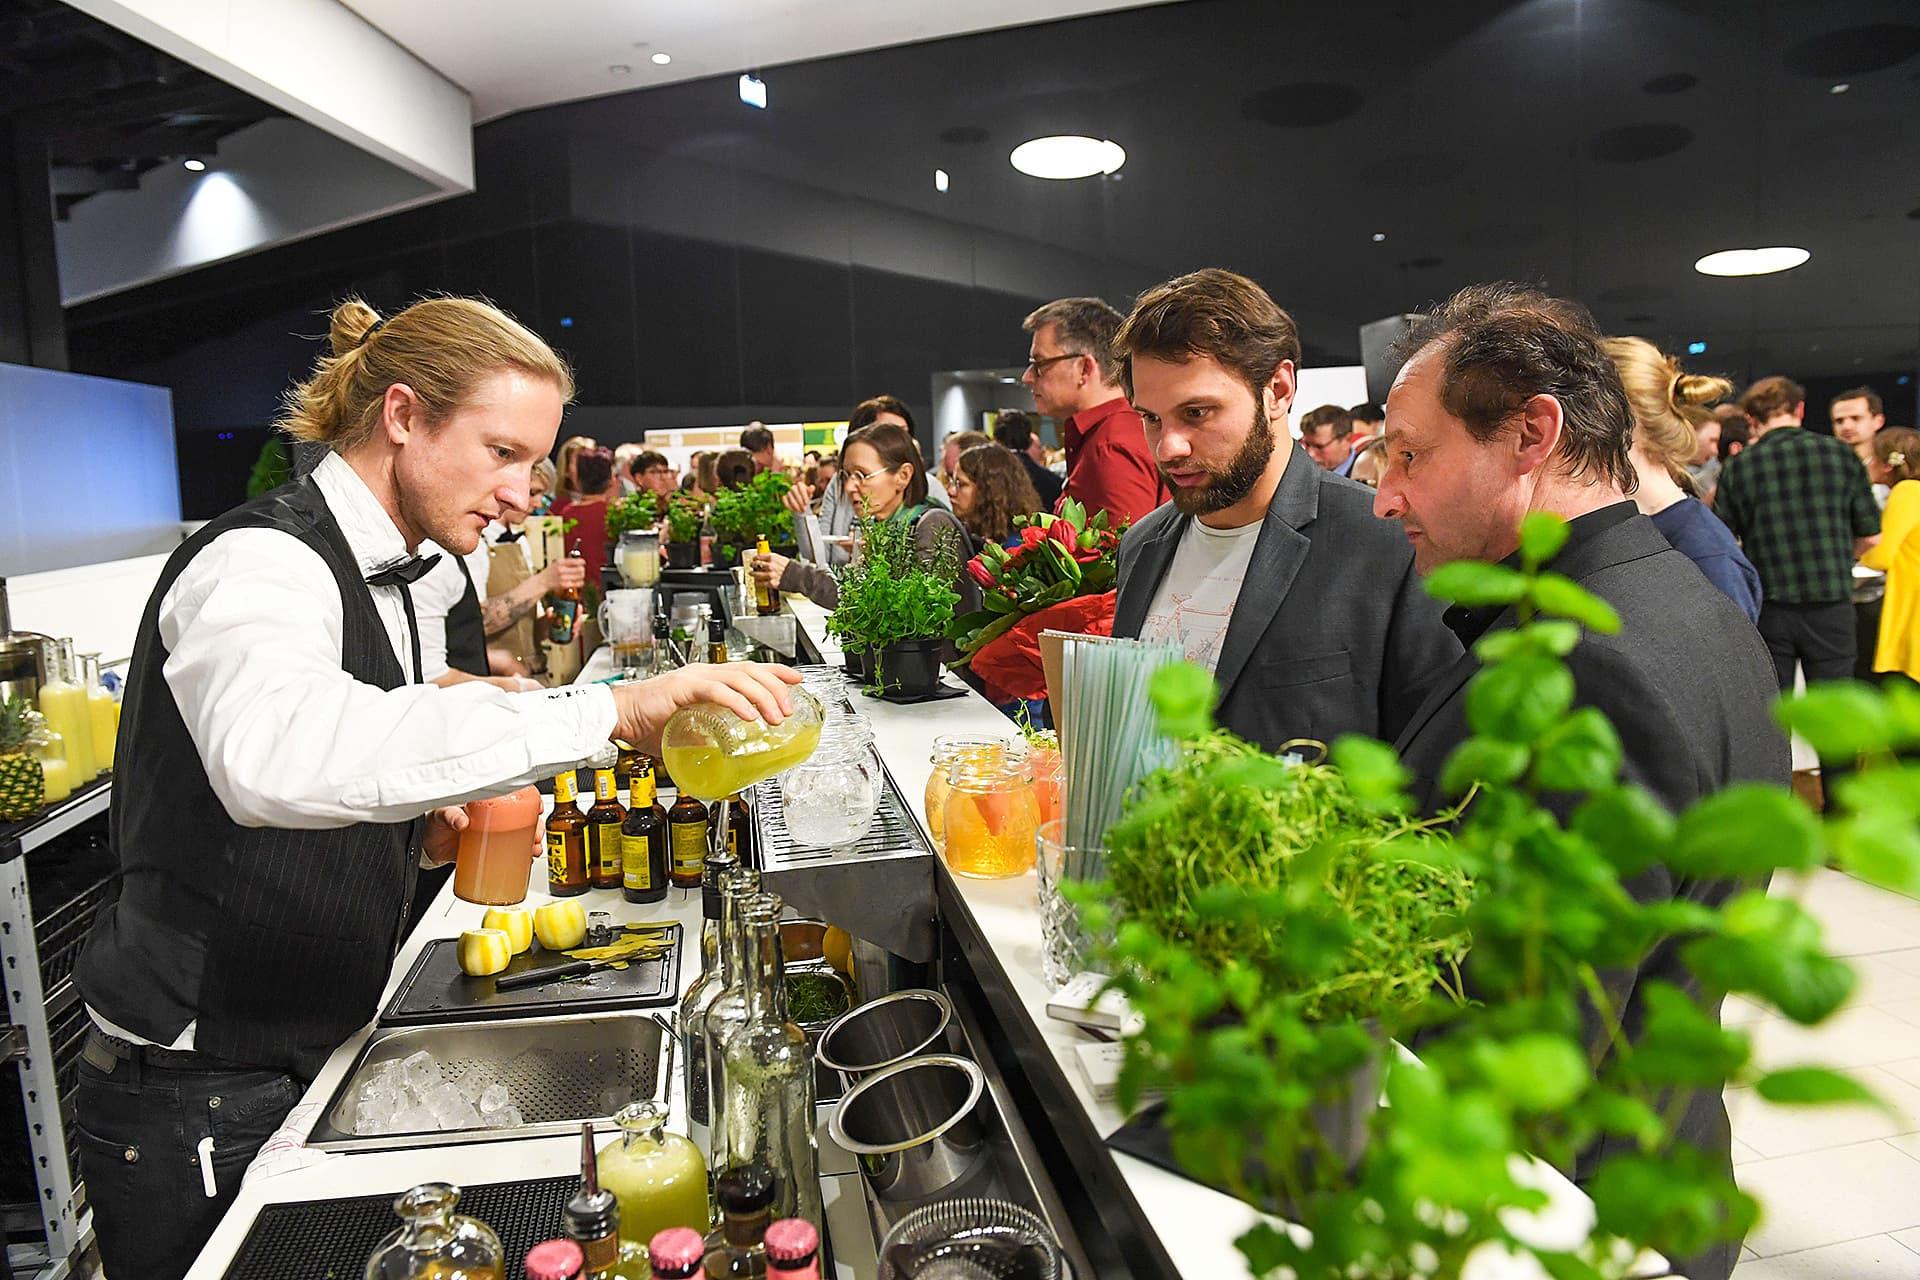 Zwei Teilnehmer in freudiger Erwartung von leckeren Cocktails.